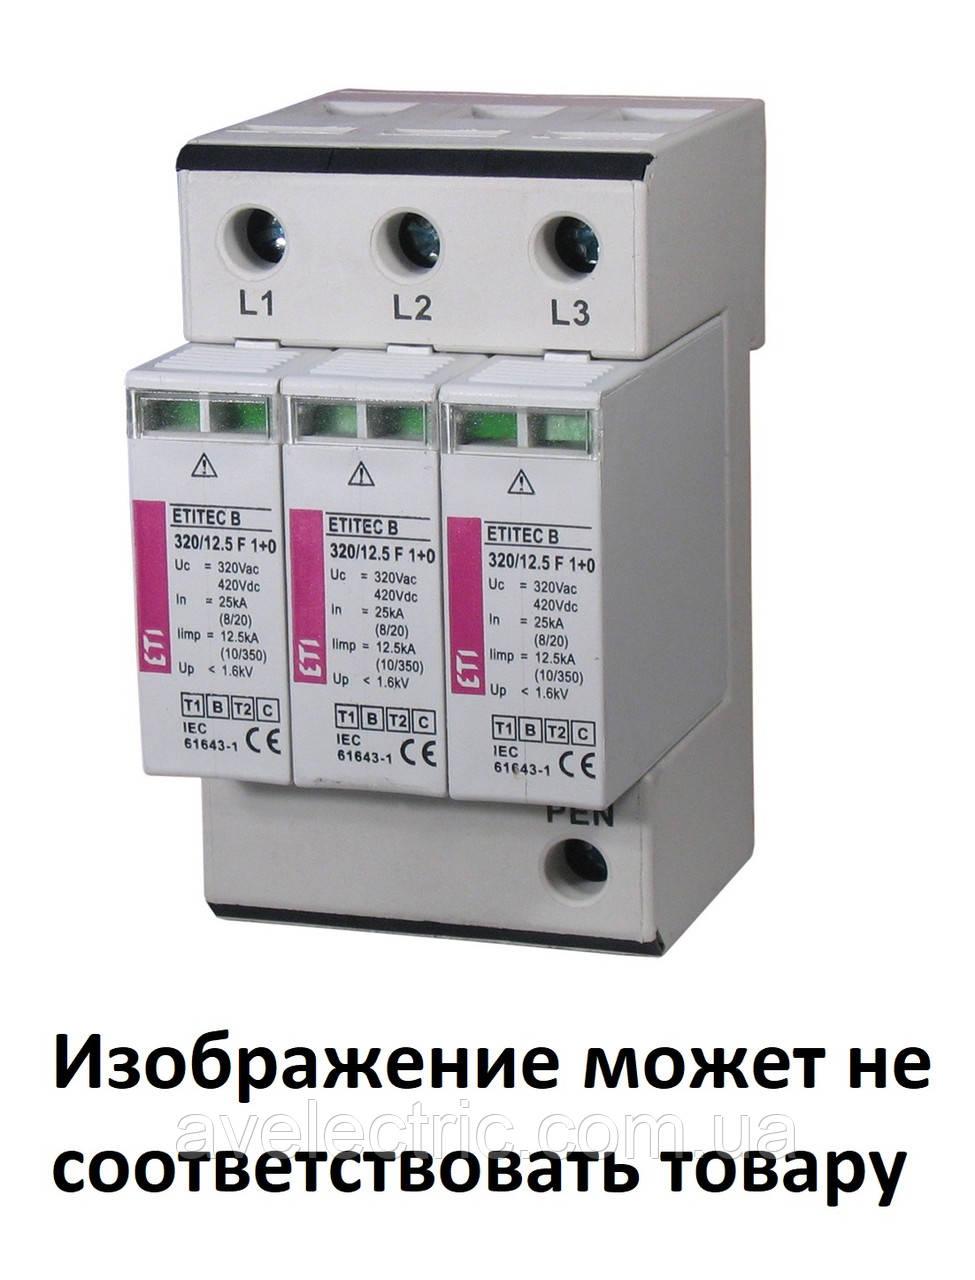 Ограничитель перенапряжения ETITEC S B 440/12,5 (1+0, 2p, TNC) RC